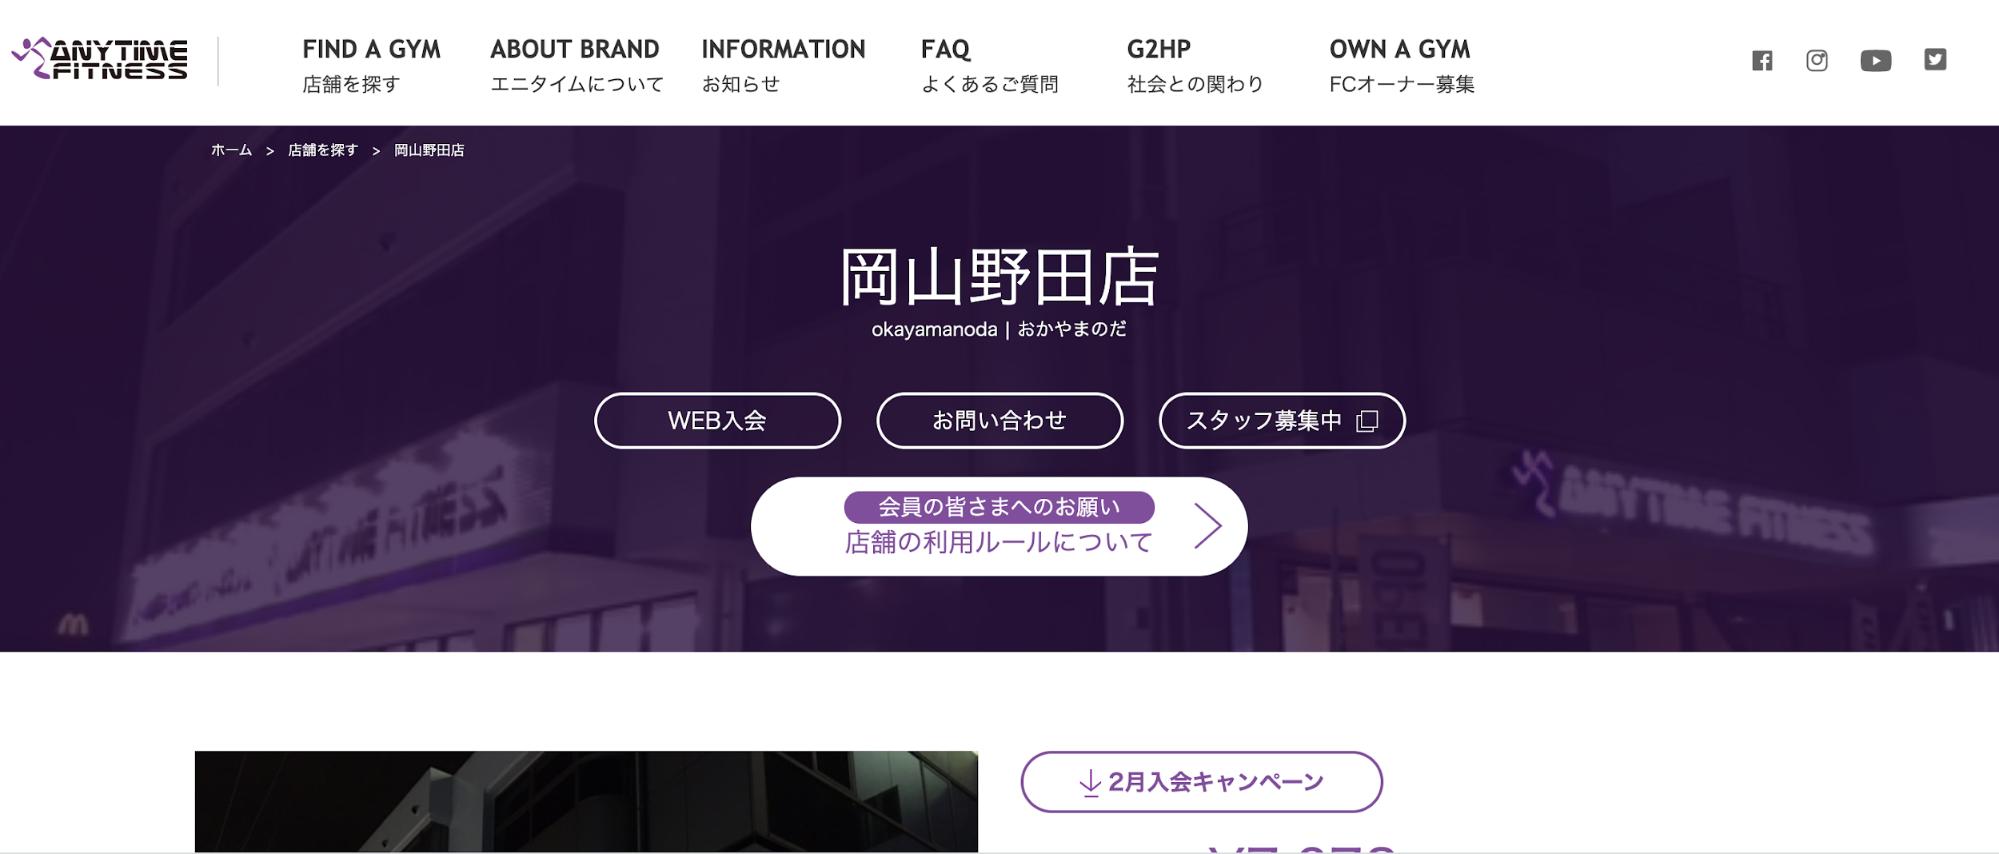 エニタイムフィットネス 岡山野田店